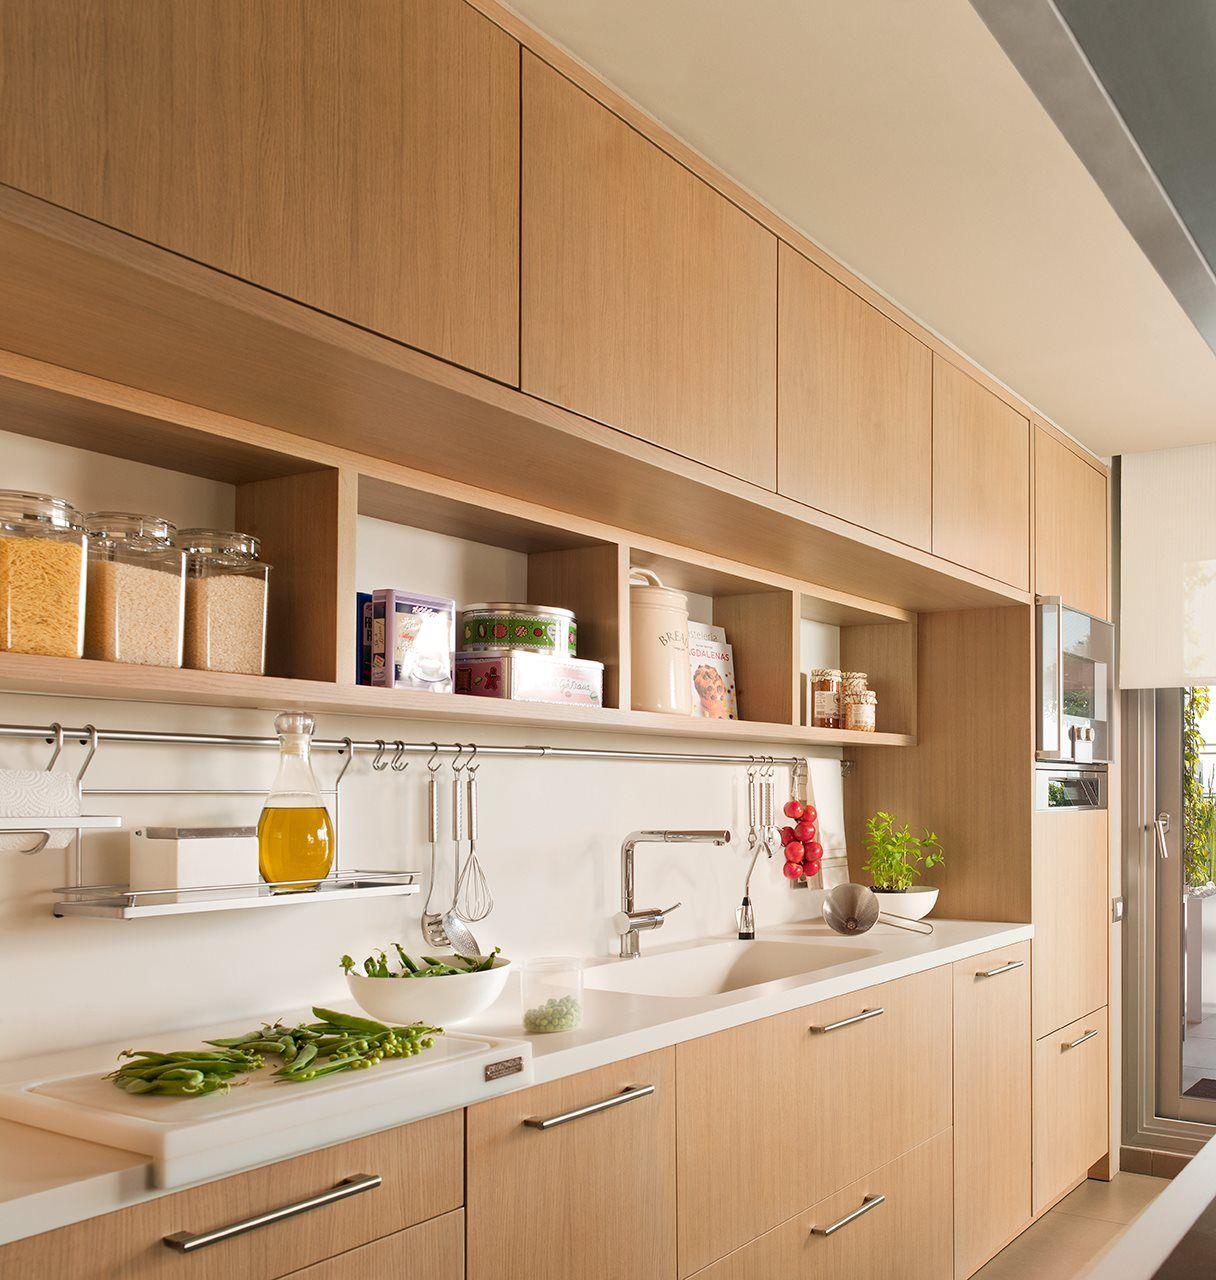 10 cocinas peque as con maxi ideas techos de madera for Guias para baldas